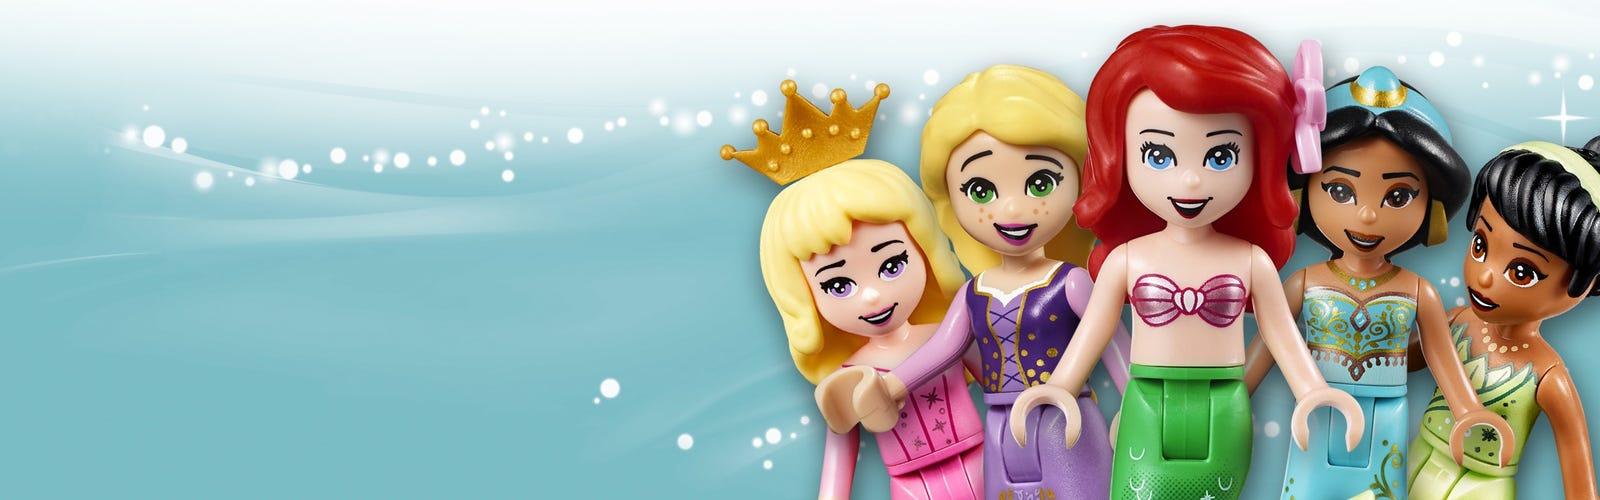 Disney gruppefigurbilde